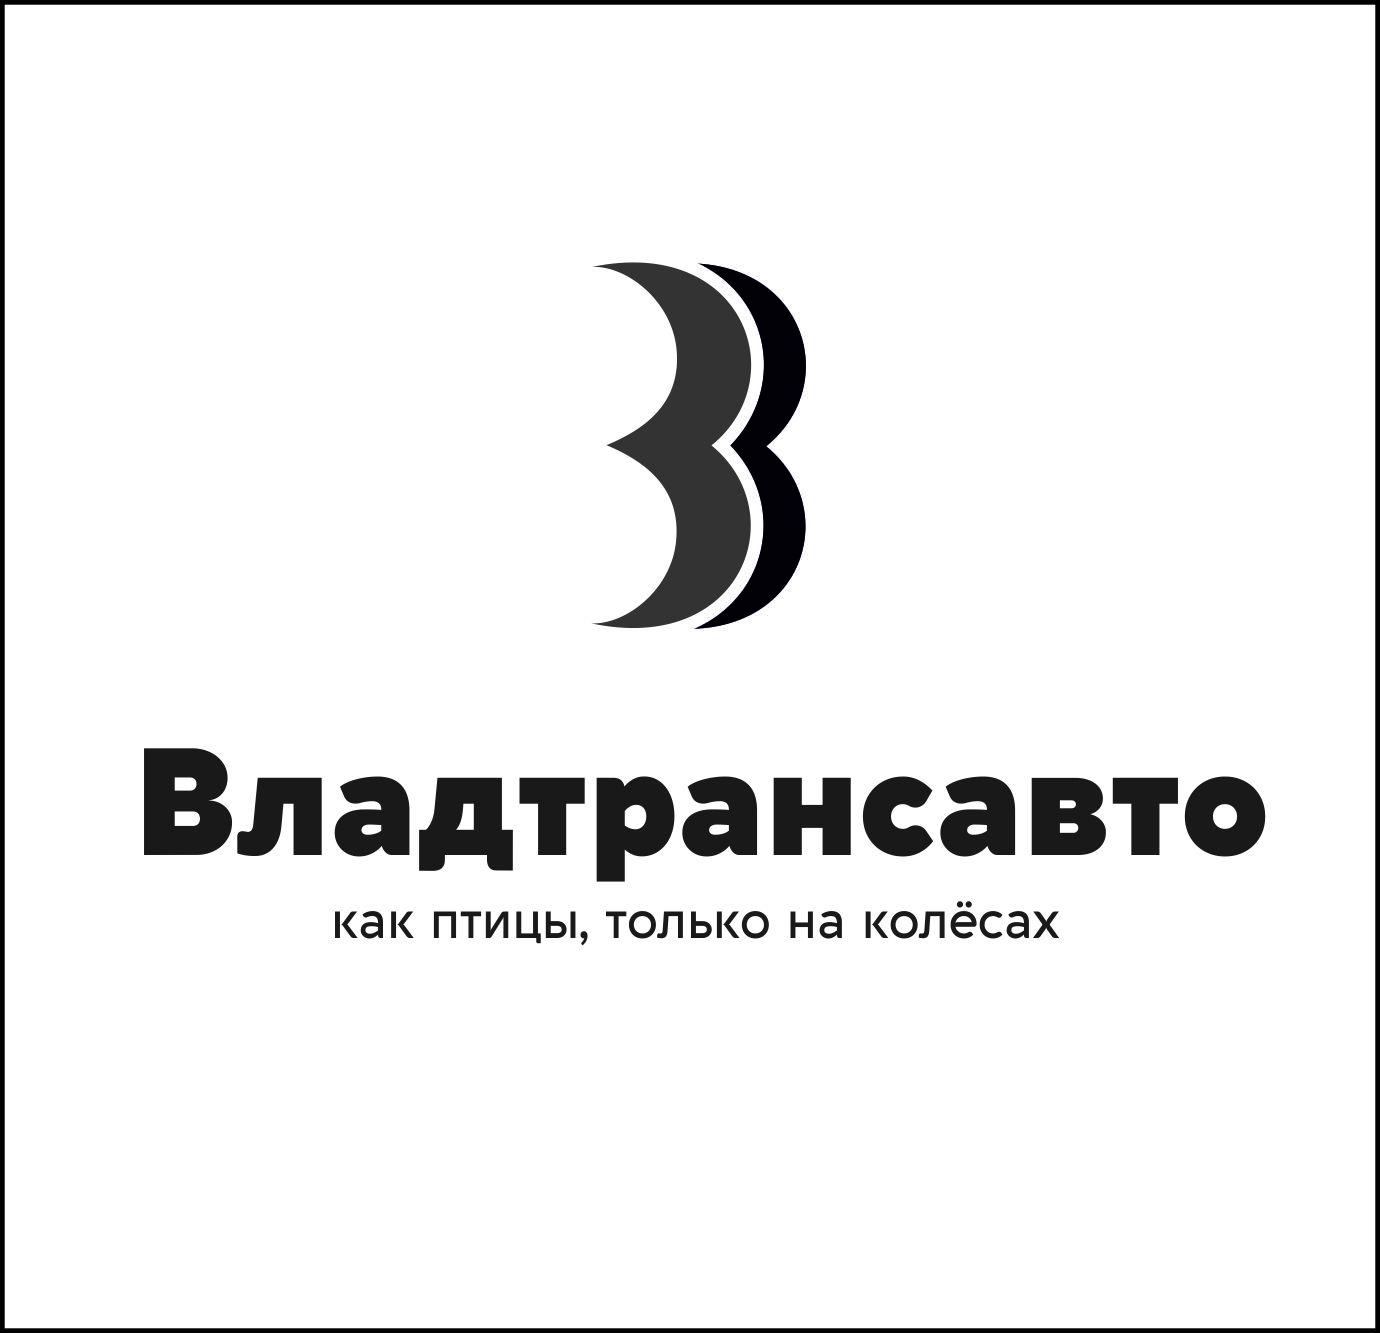 Логотип и фирменный стиль для транспортной компании Владтрансавто фото f_0395cdd4c5d458b6.jpg